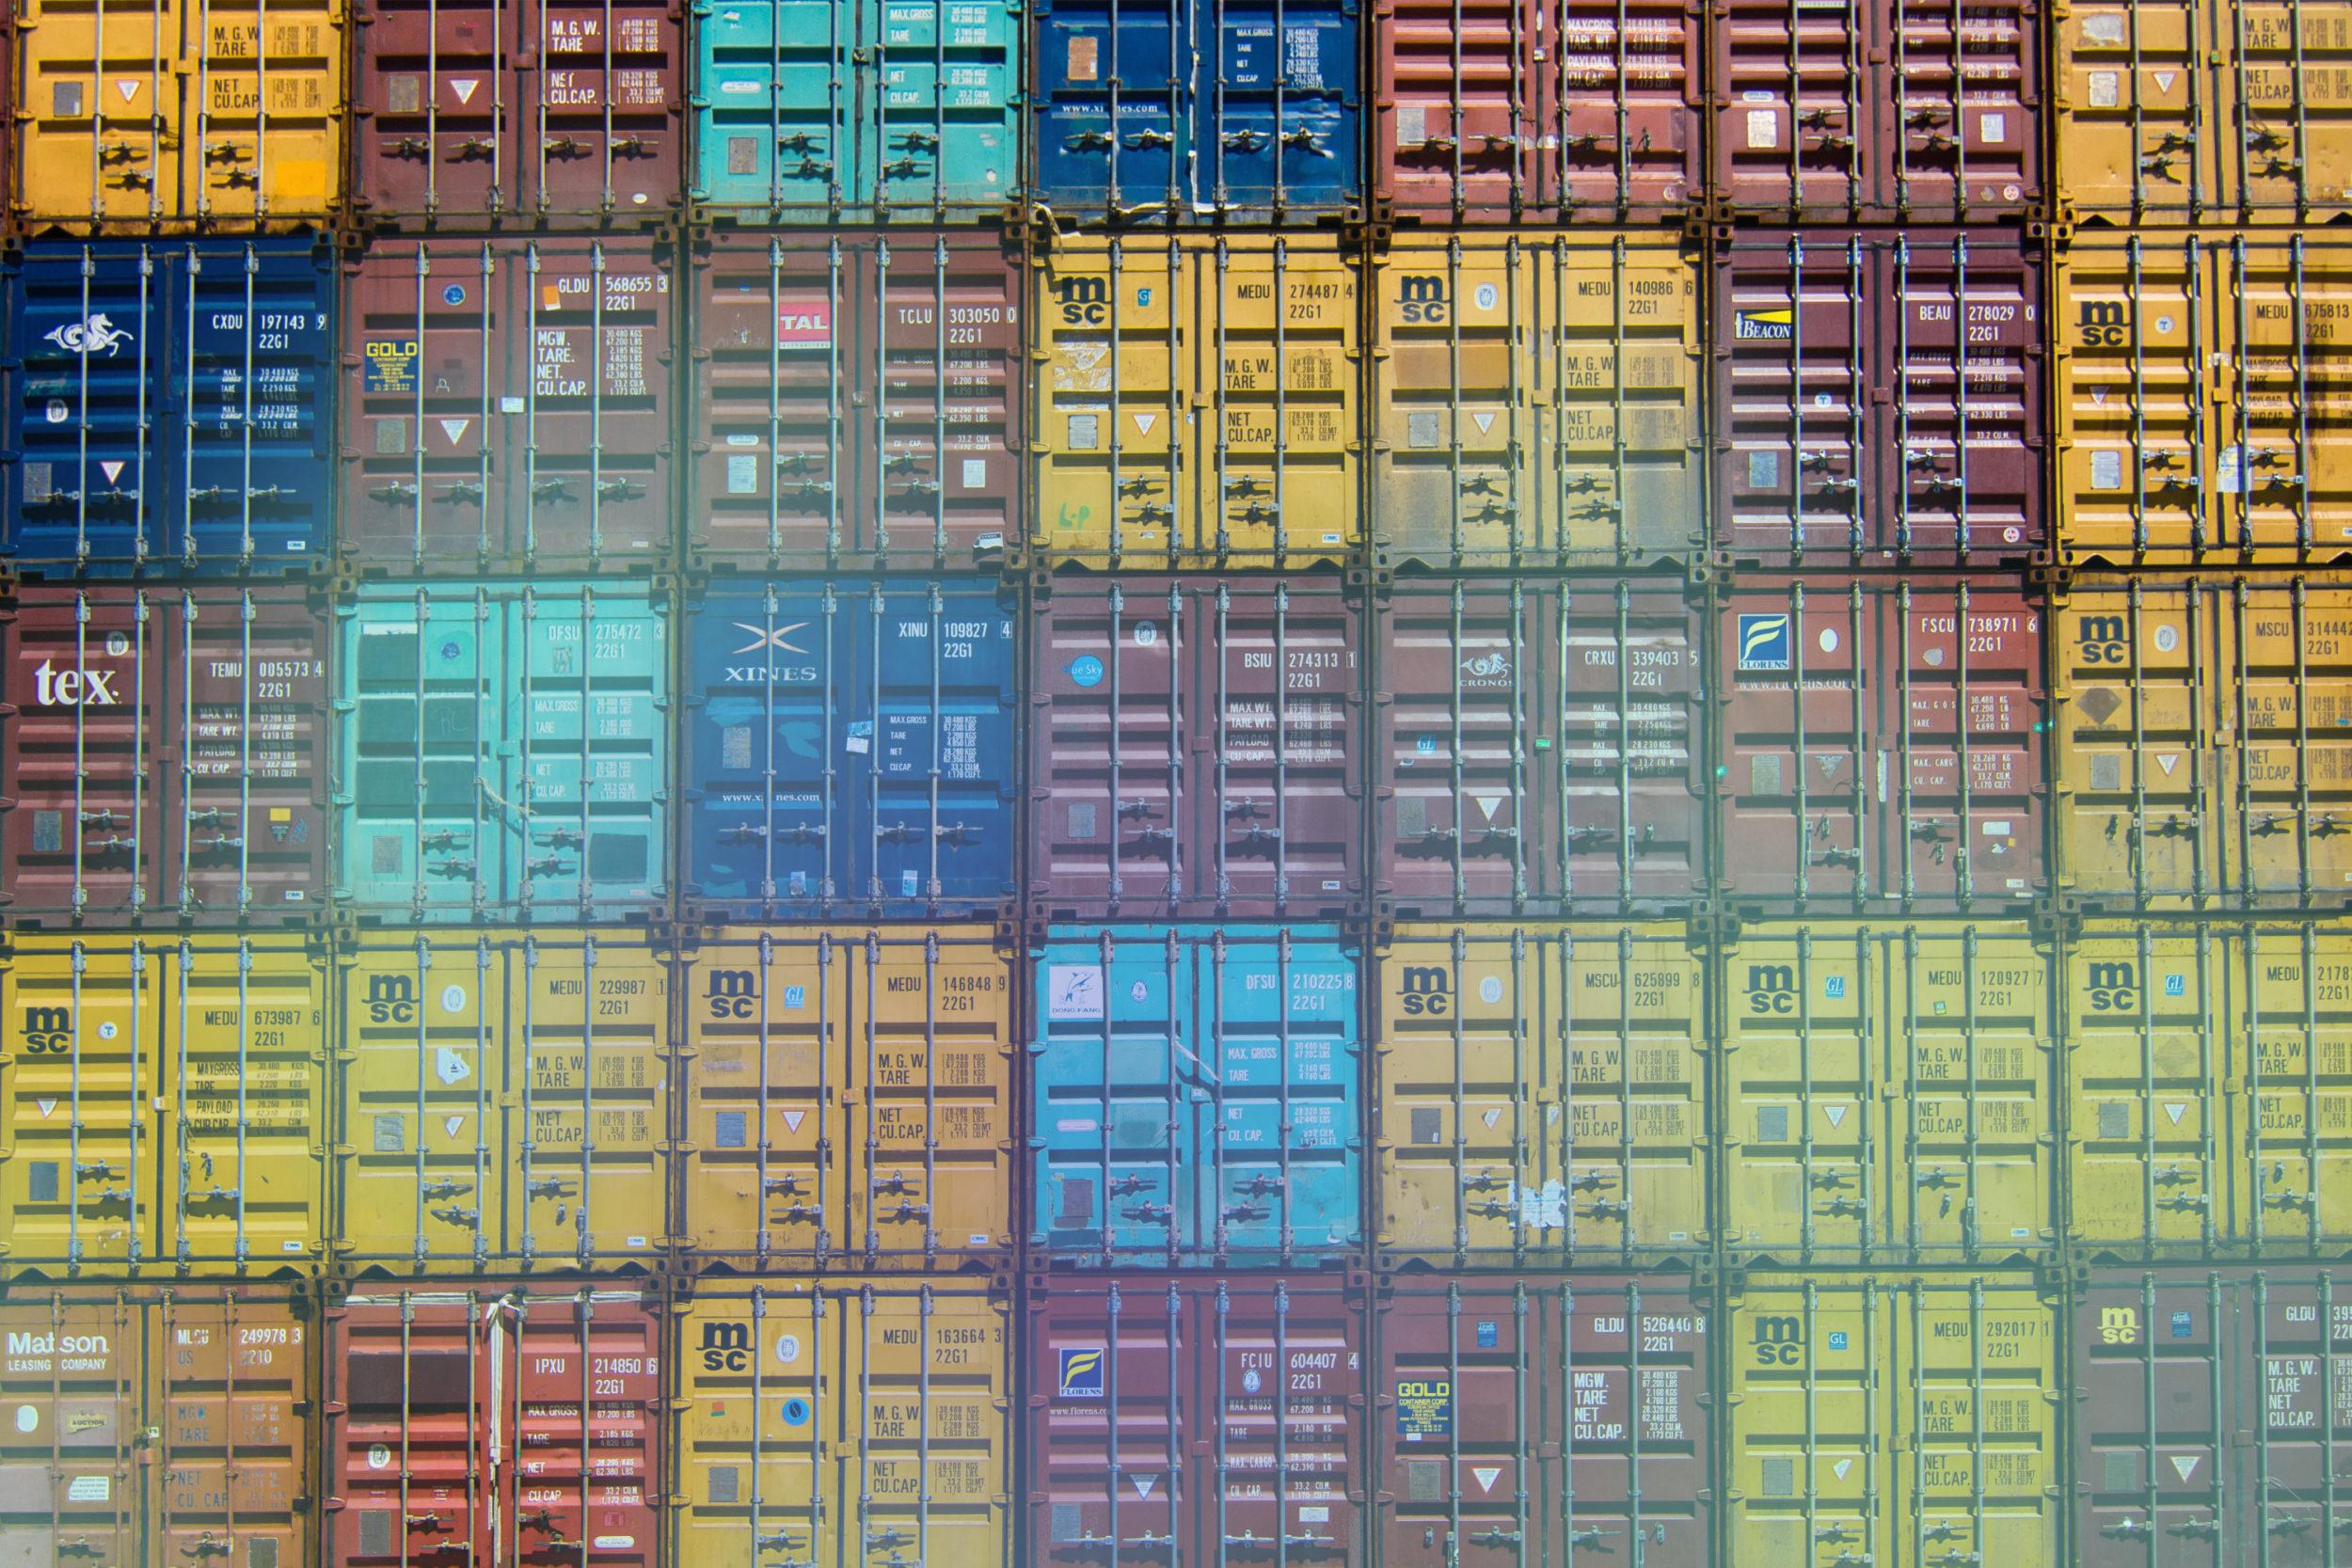 Bau eines Datenmodells für Bestandsreporting in Echtzeit